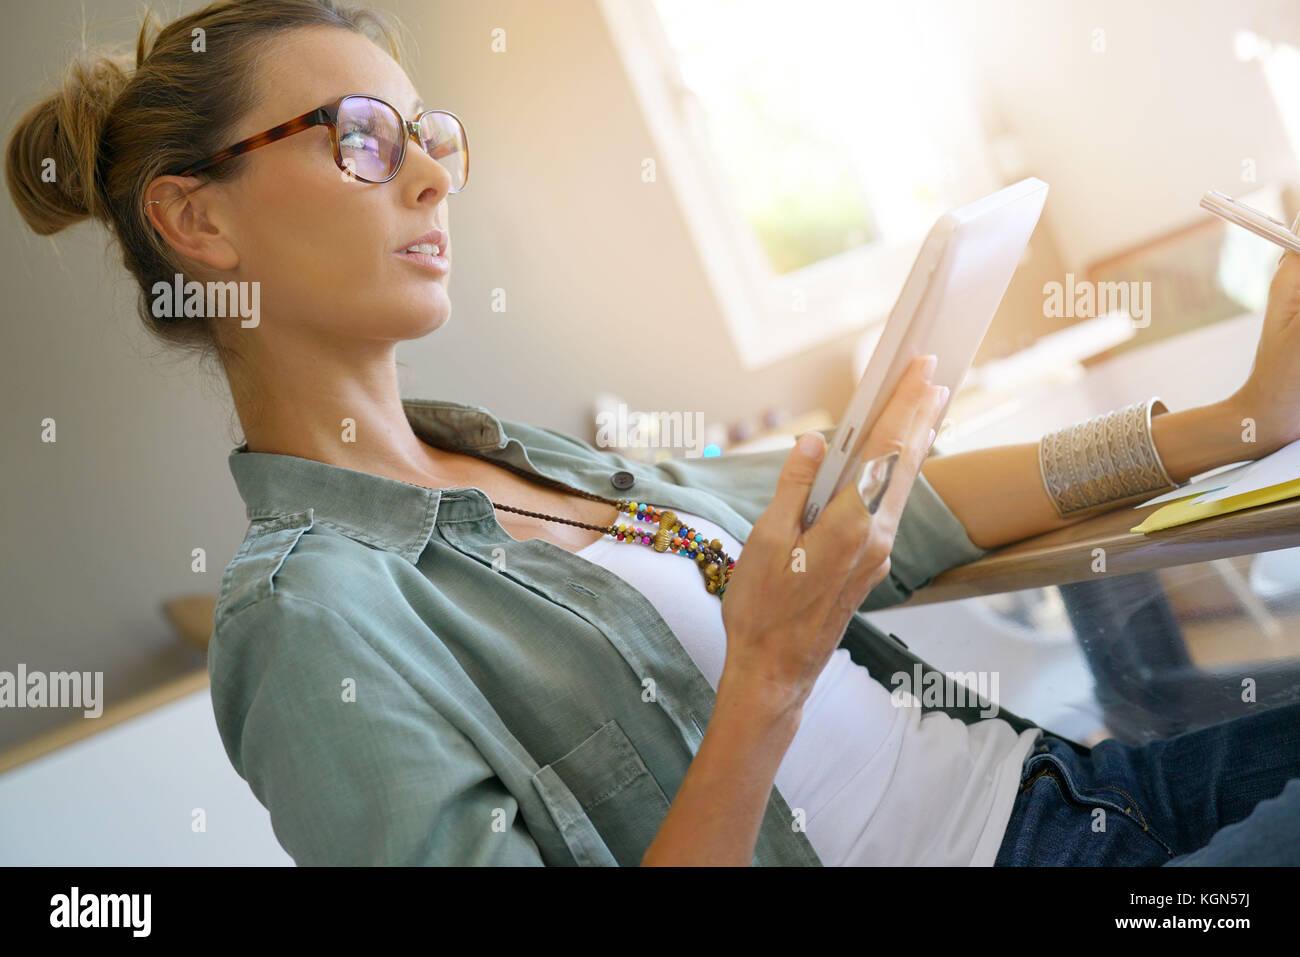 Trendige Mädchen mit Brille auf digitalen Tablet angeschlossen Stockbild